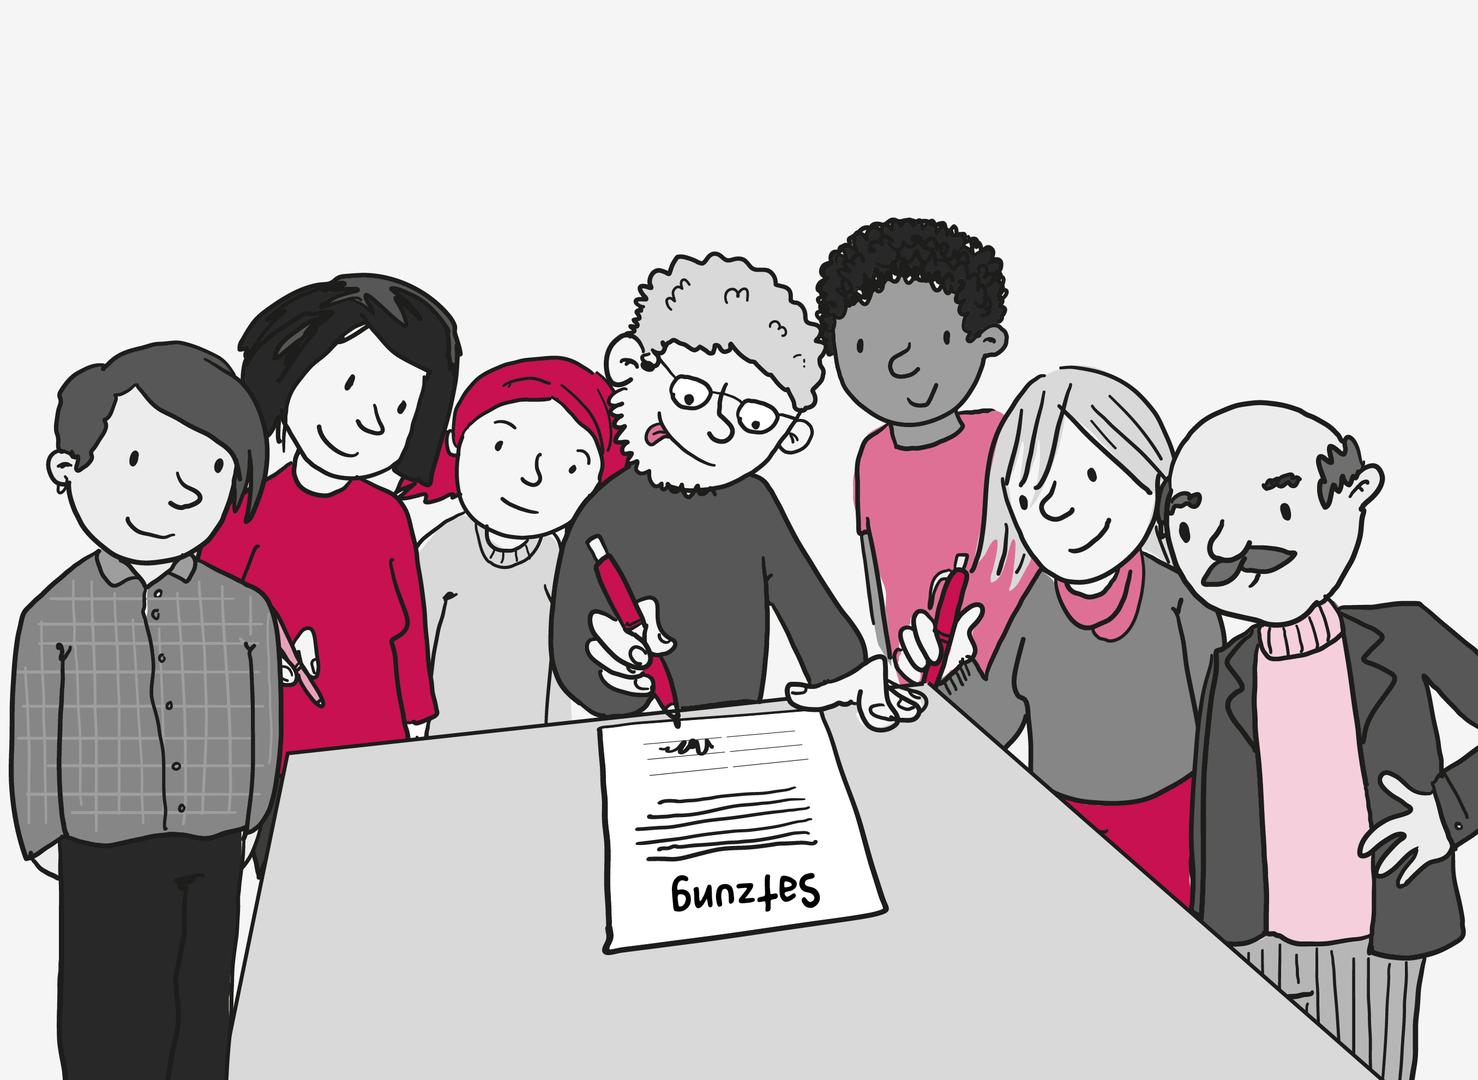 7 Personen drängen sich dicht um einen Tisch. Einige haben Stifte in der Hand. Alle sind bereit dafür, das Dokument auf dem Tisch zu unterschreiben. Auf dem Dokument steht groß: Satzung